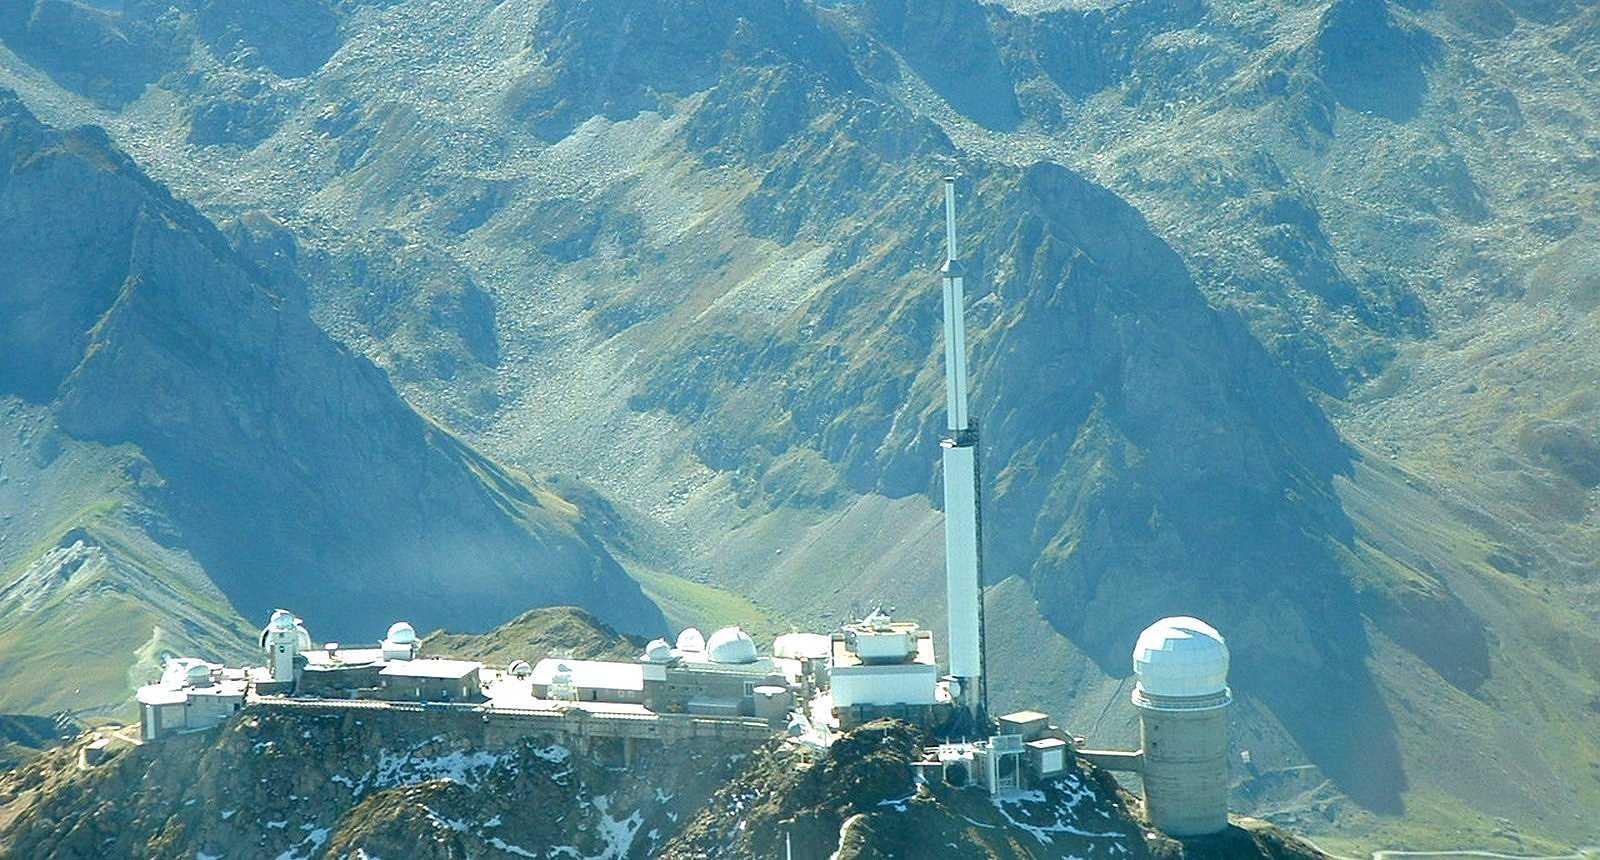 Le sommet du Pic du Midi de Bigorre